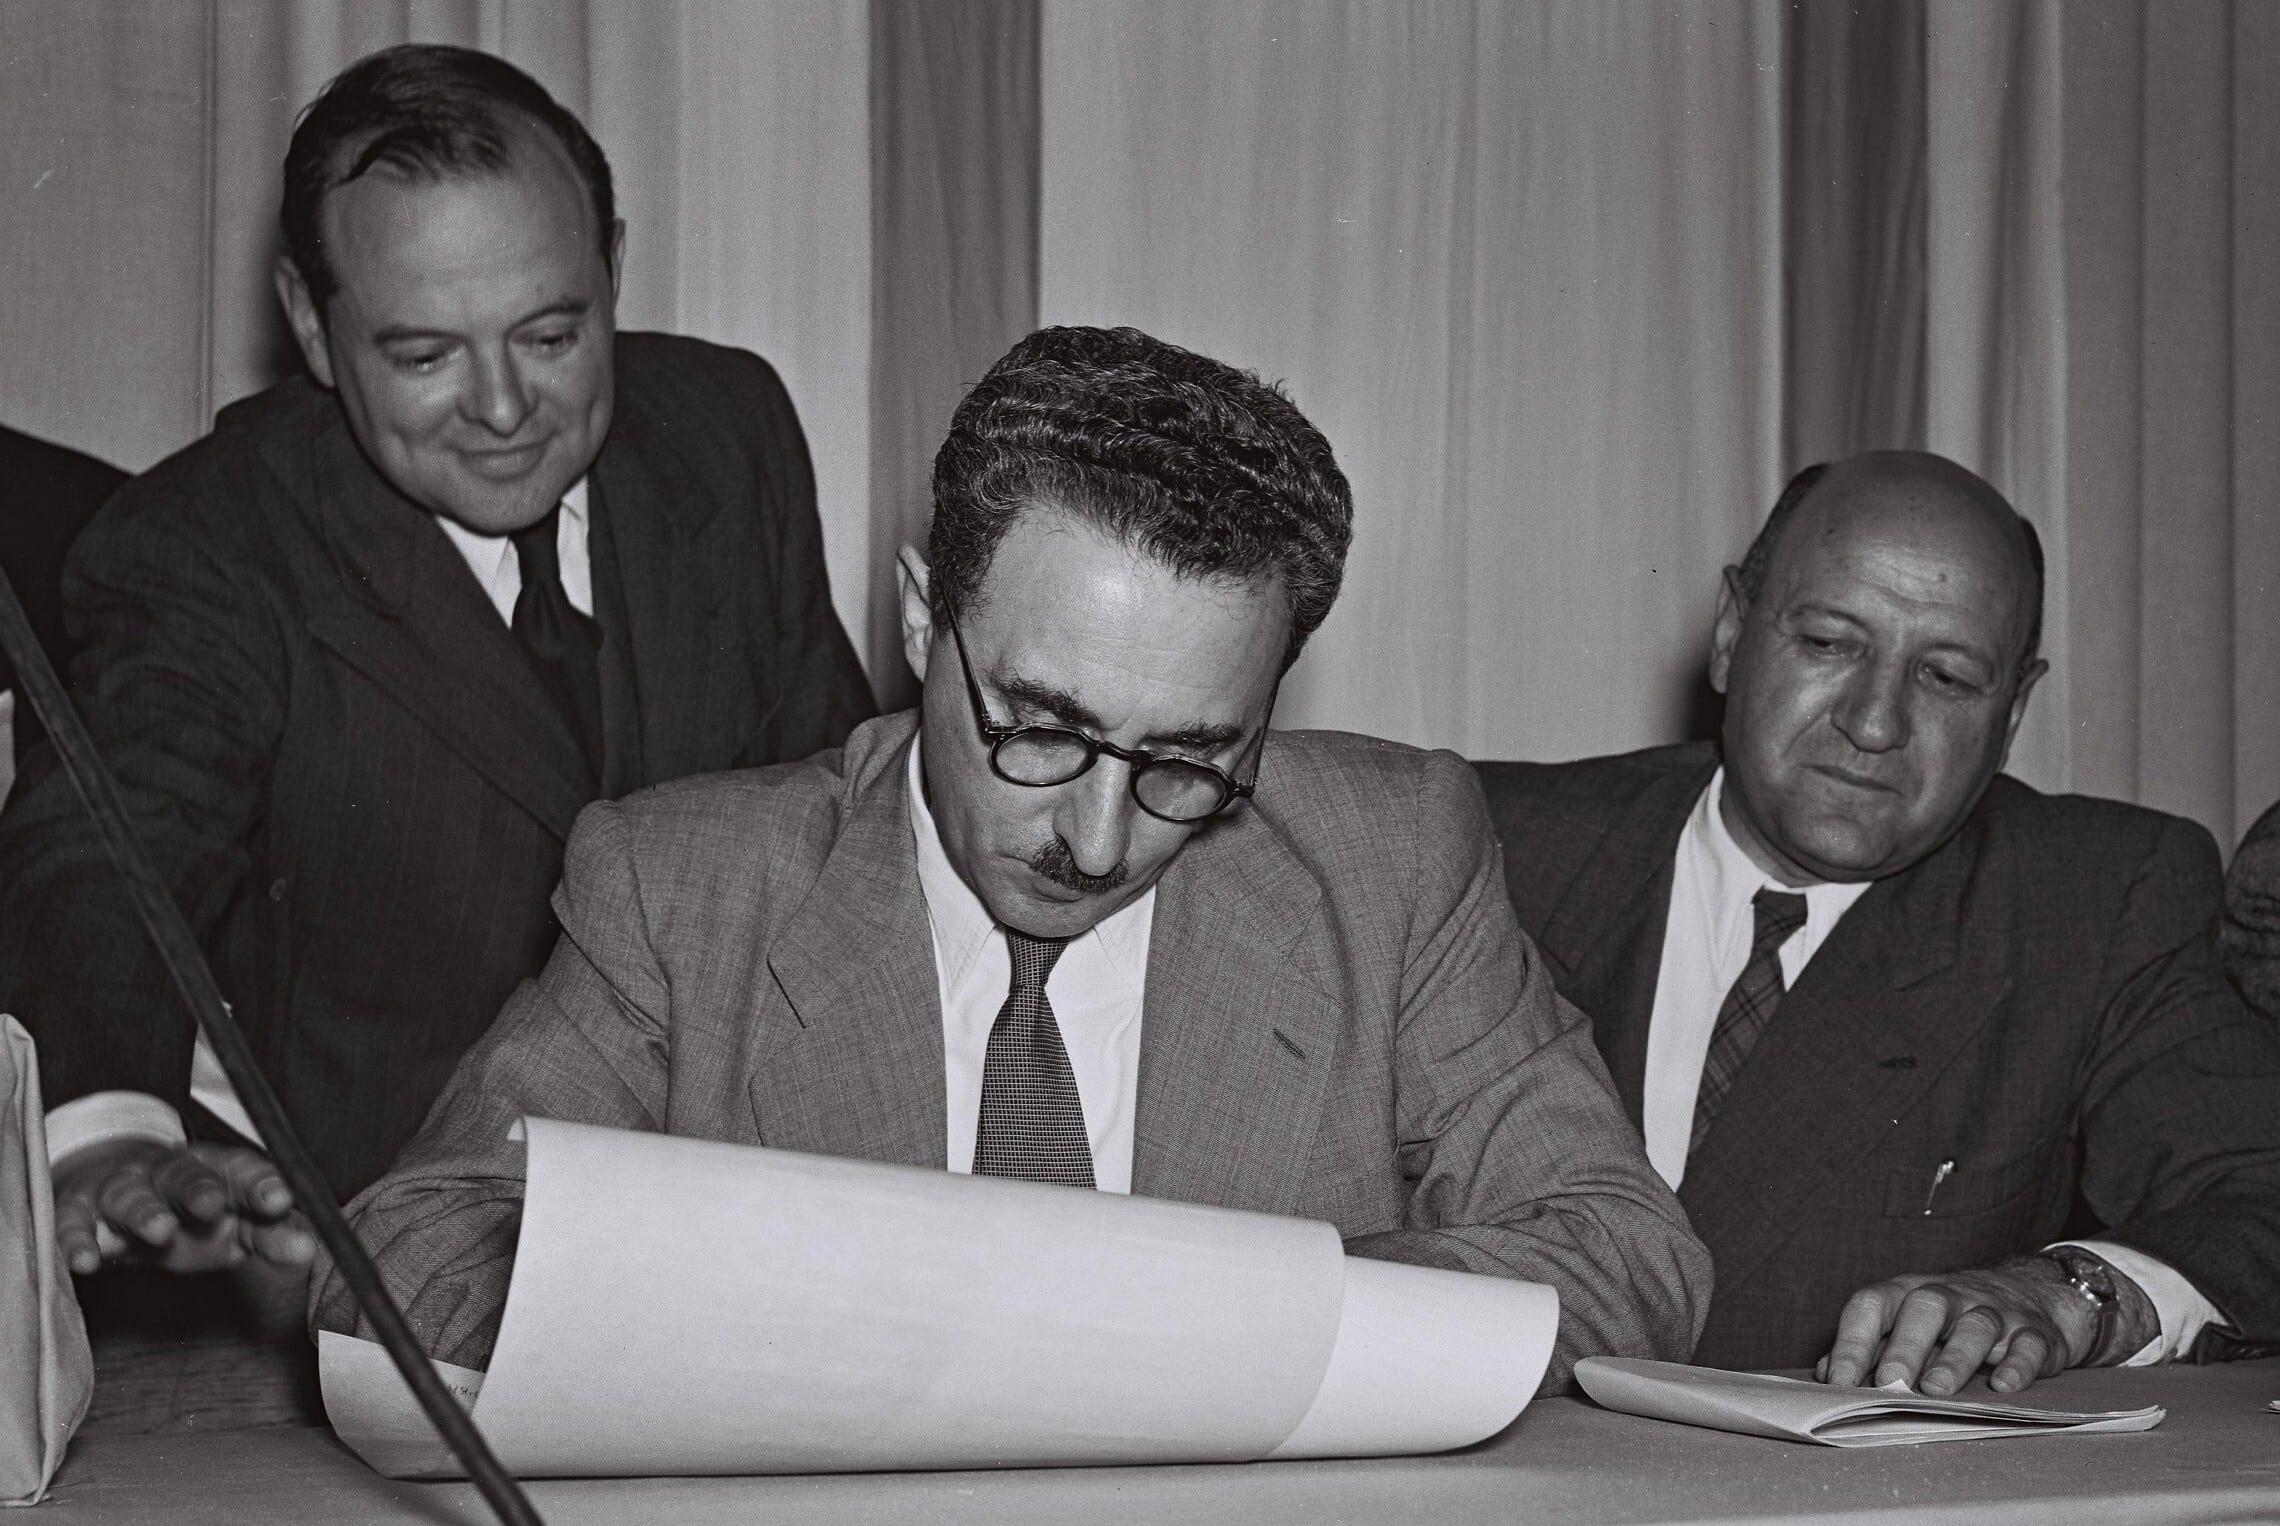 """משה שרת חותם על מגילת עצמאות ישראל, 14 במאי 1948 (צילום: פרנק שרשל/לע""""מ)"""